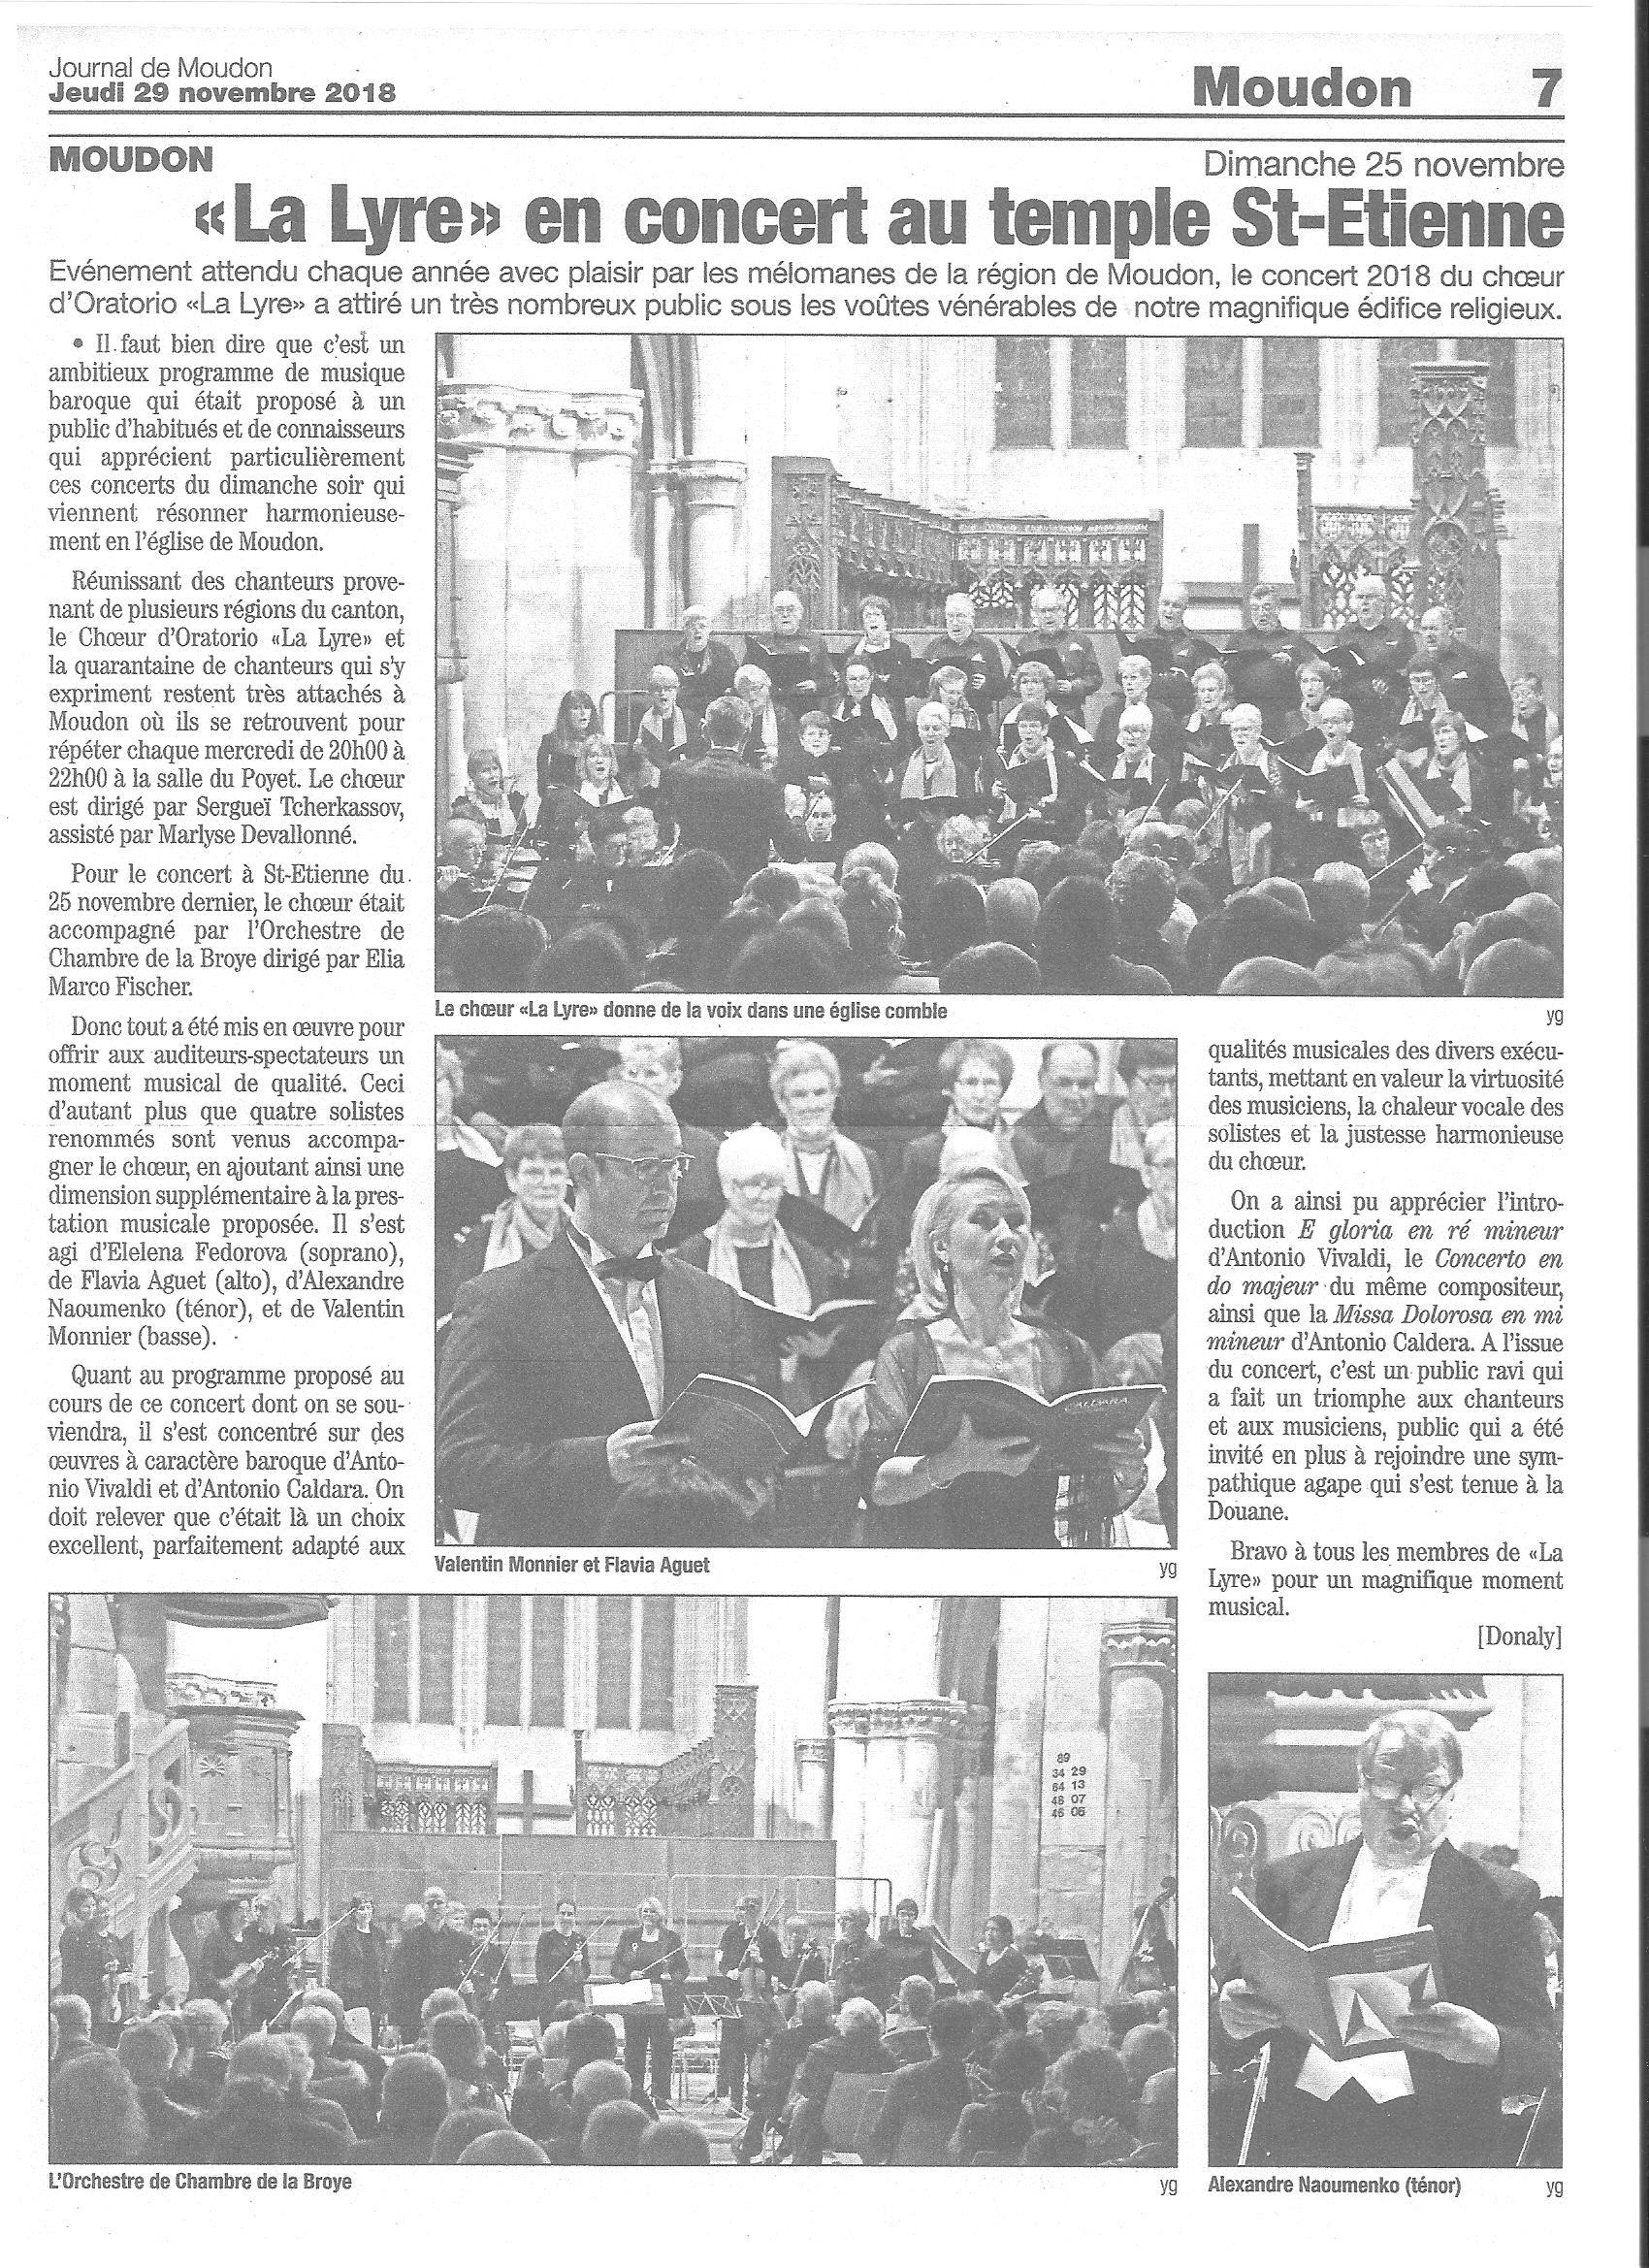 article_journal_de_Moudon_Lyre_concert_2018_001